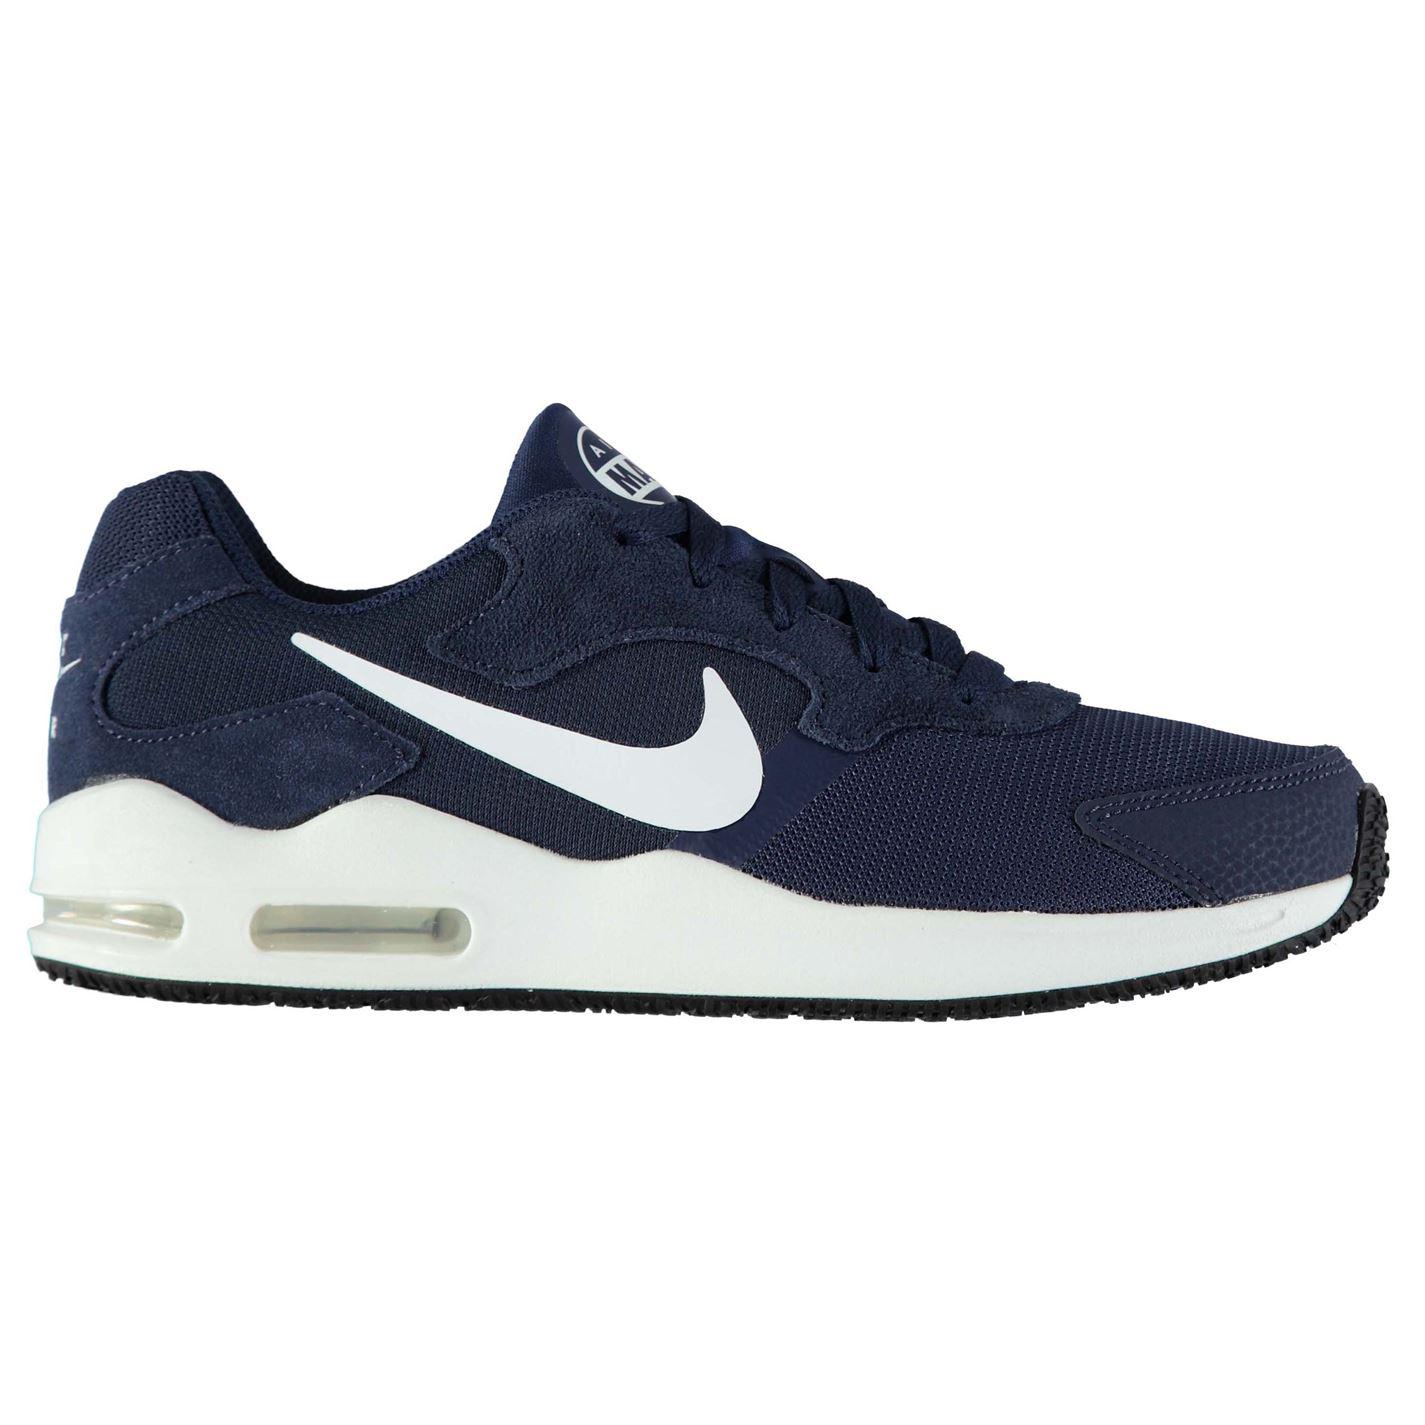 Nike Air Max Guile Pánské tenisky - Glami.sk c9d7283b944